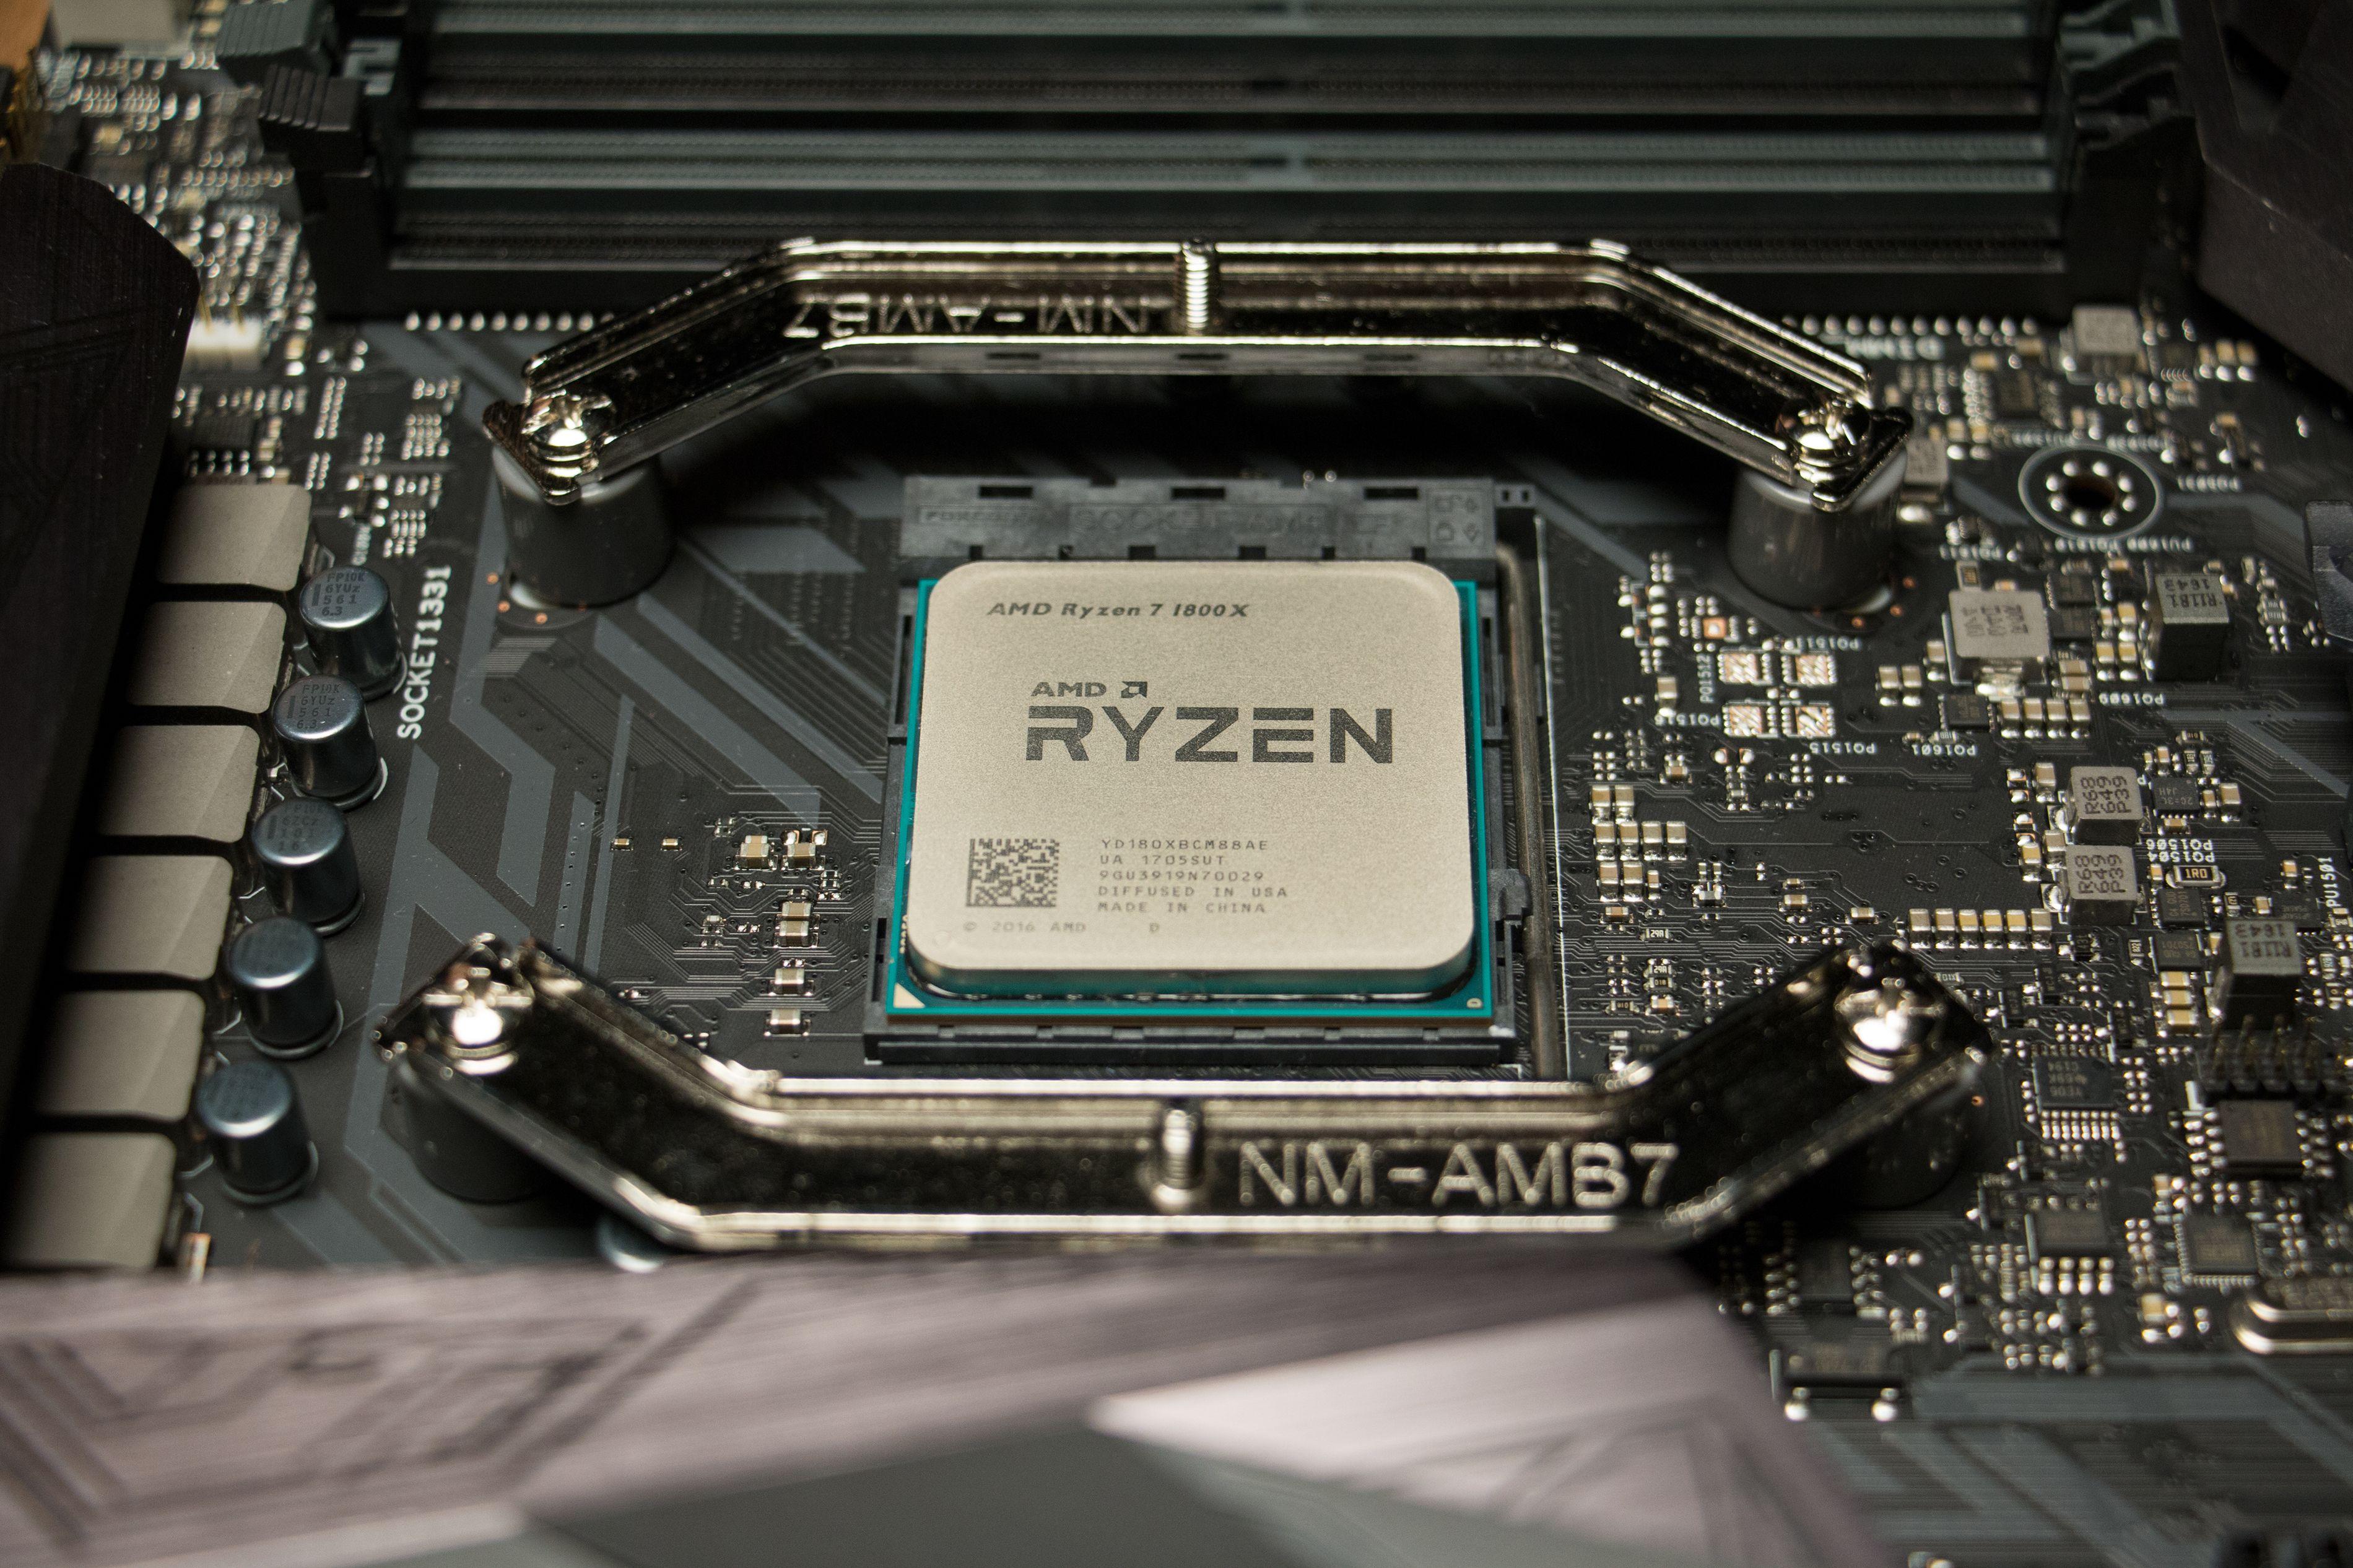 AMD er endelig tilbake, og med Ryzen leverer de fantastisk flerkjerneytelse til en rimelig penge.